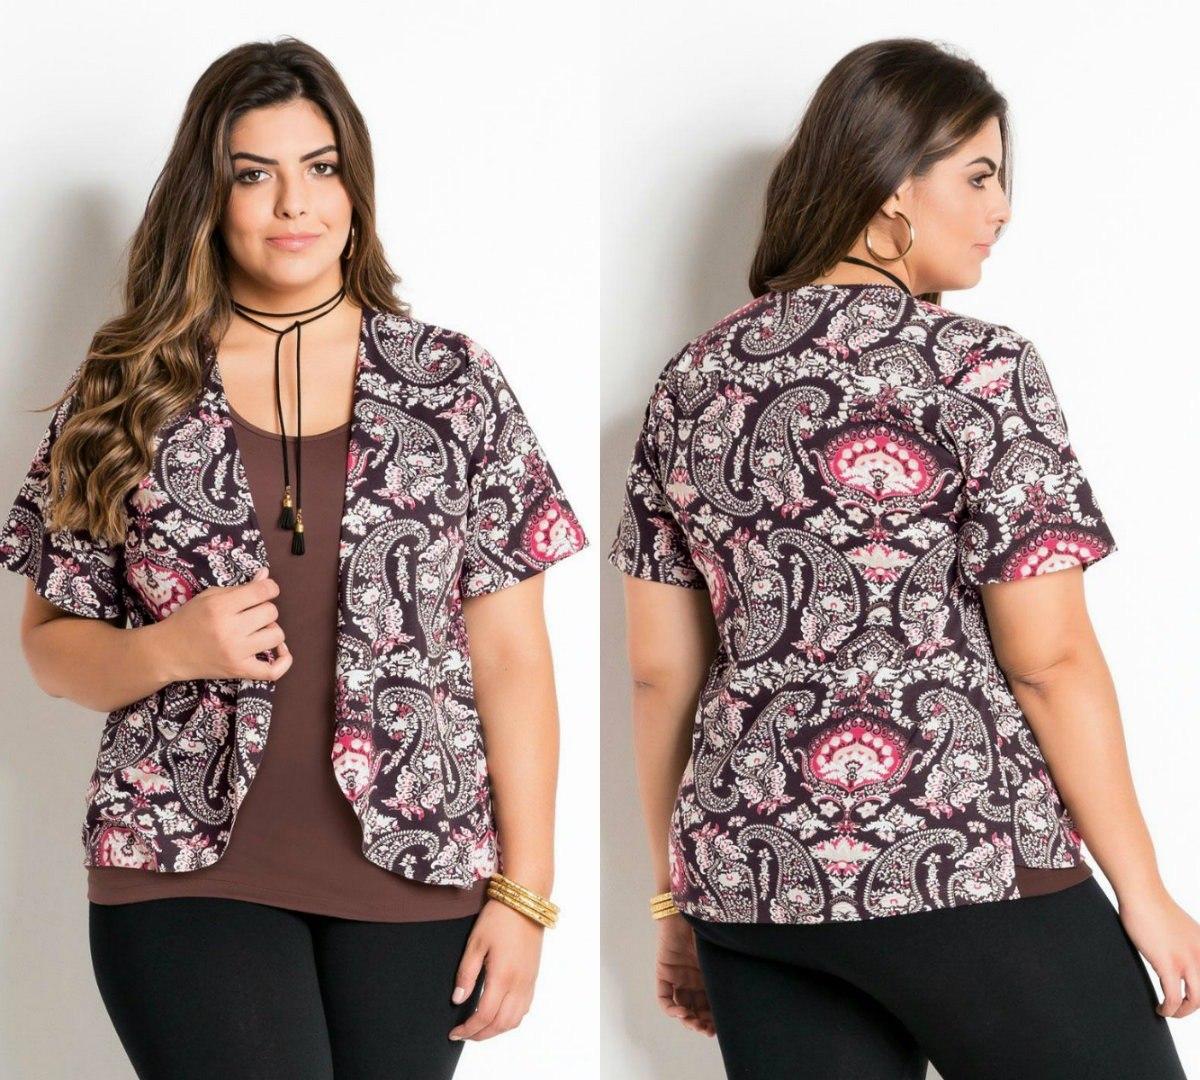 dcea8b703f blusa gordinha plus size manga curta estampada moderna. Carregando zoom.